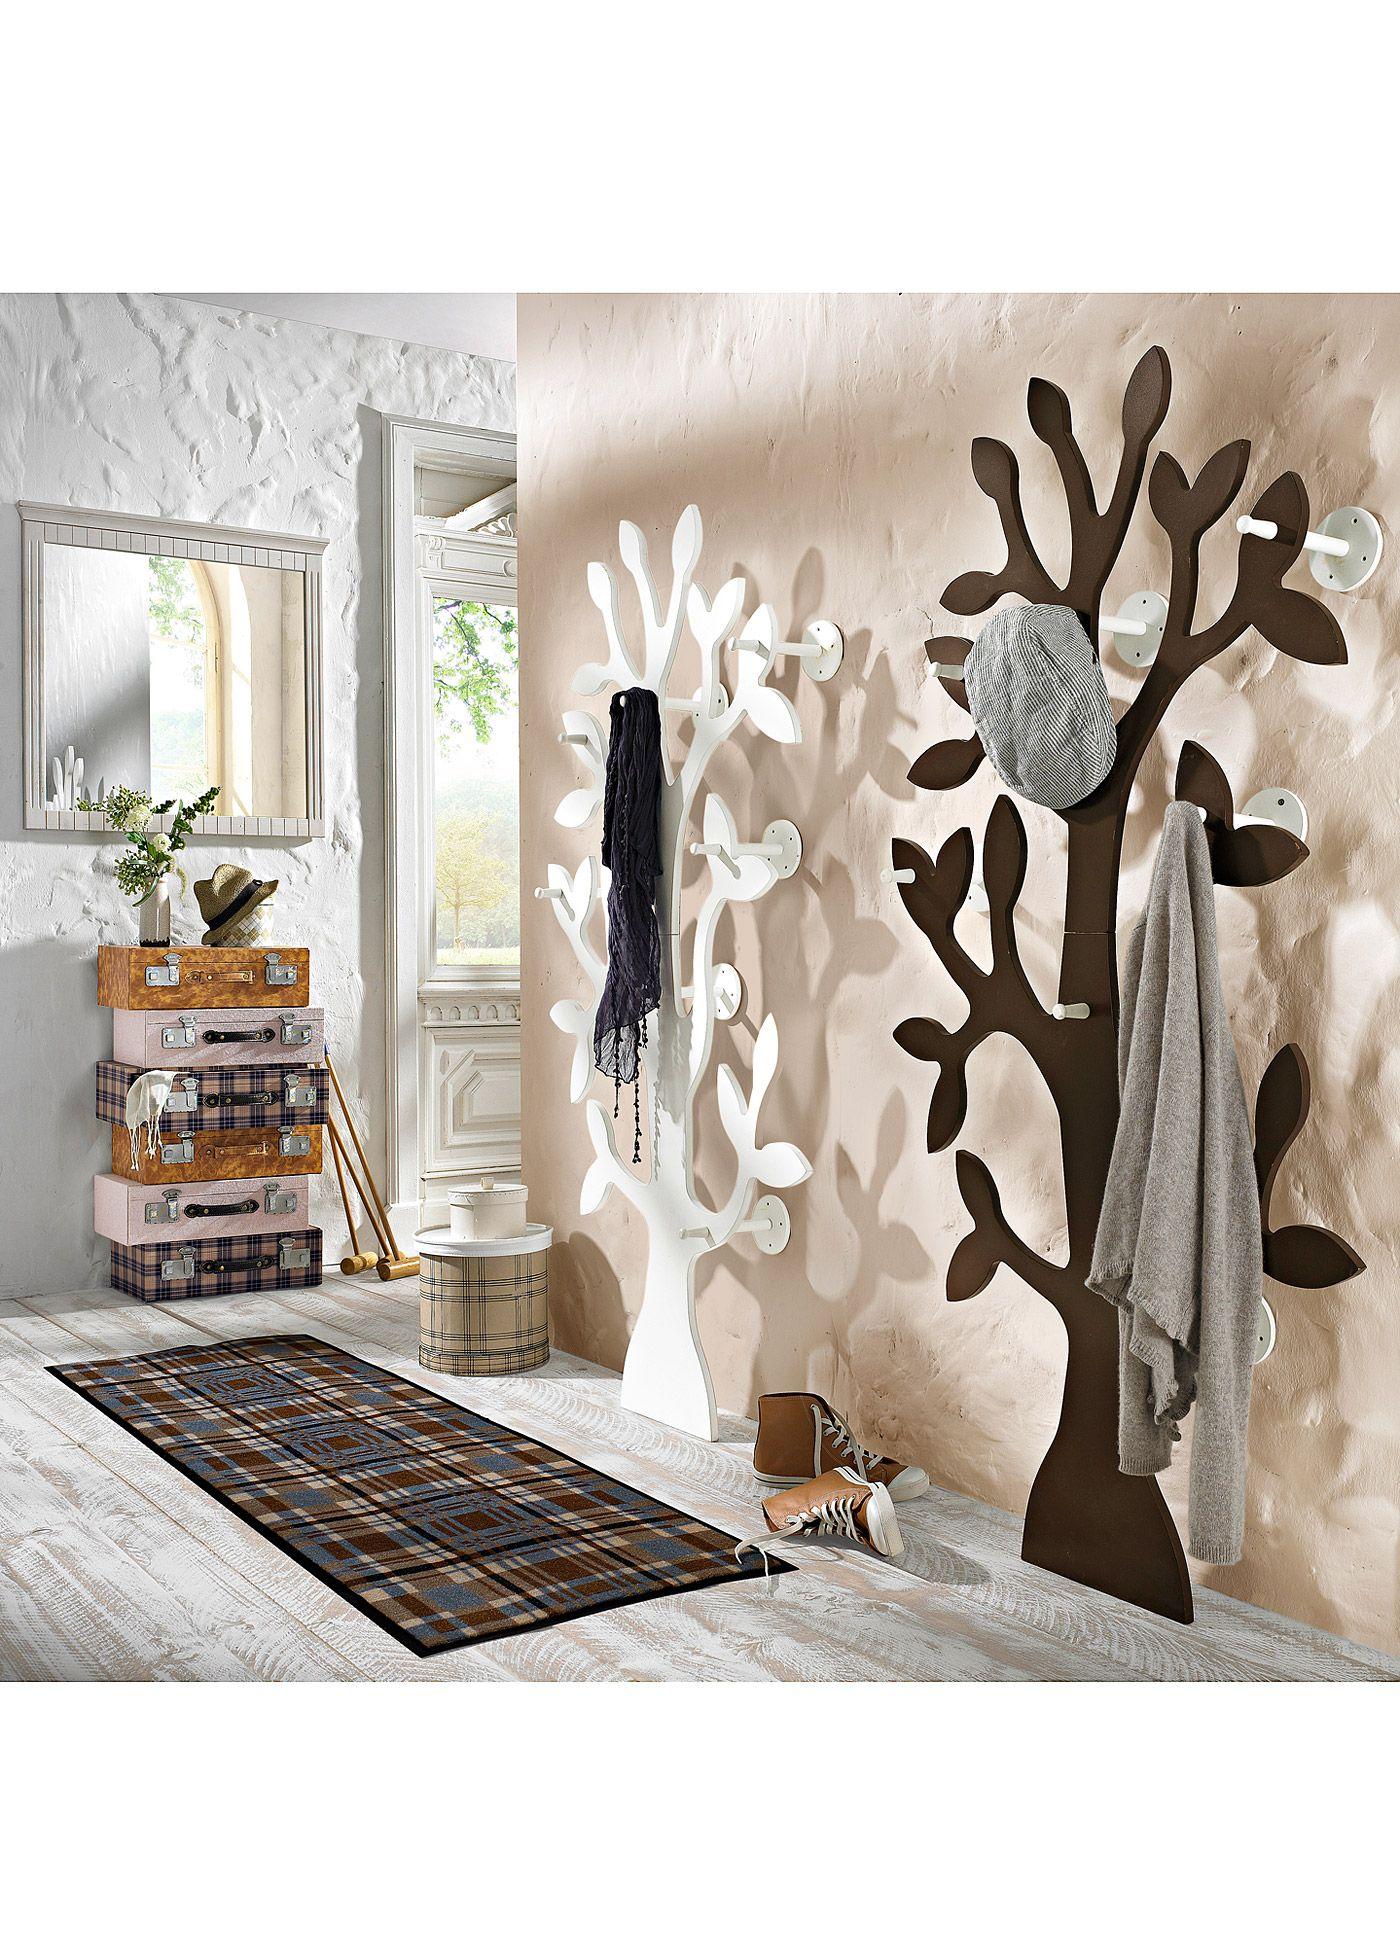 Garderobe Baum Designer Baumstamm Garderobe Baum Garderobe Selber